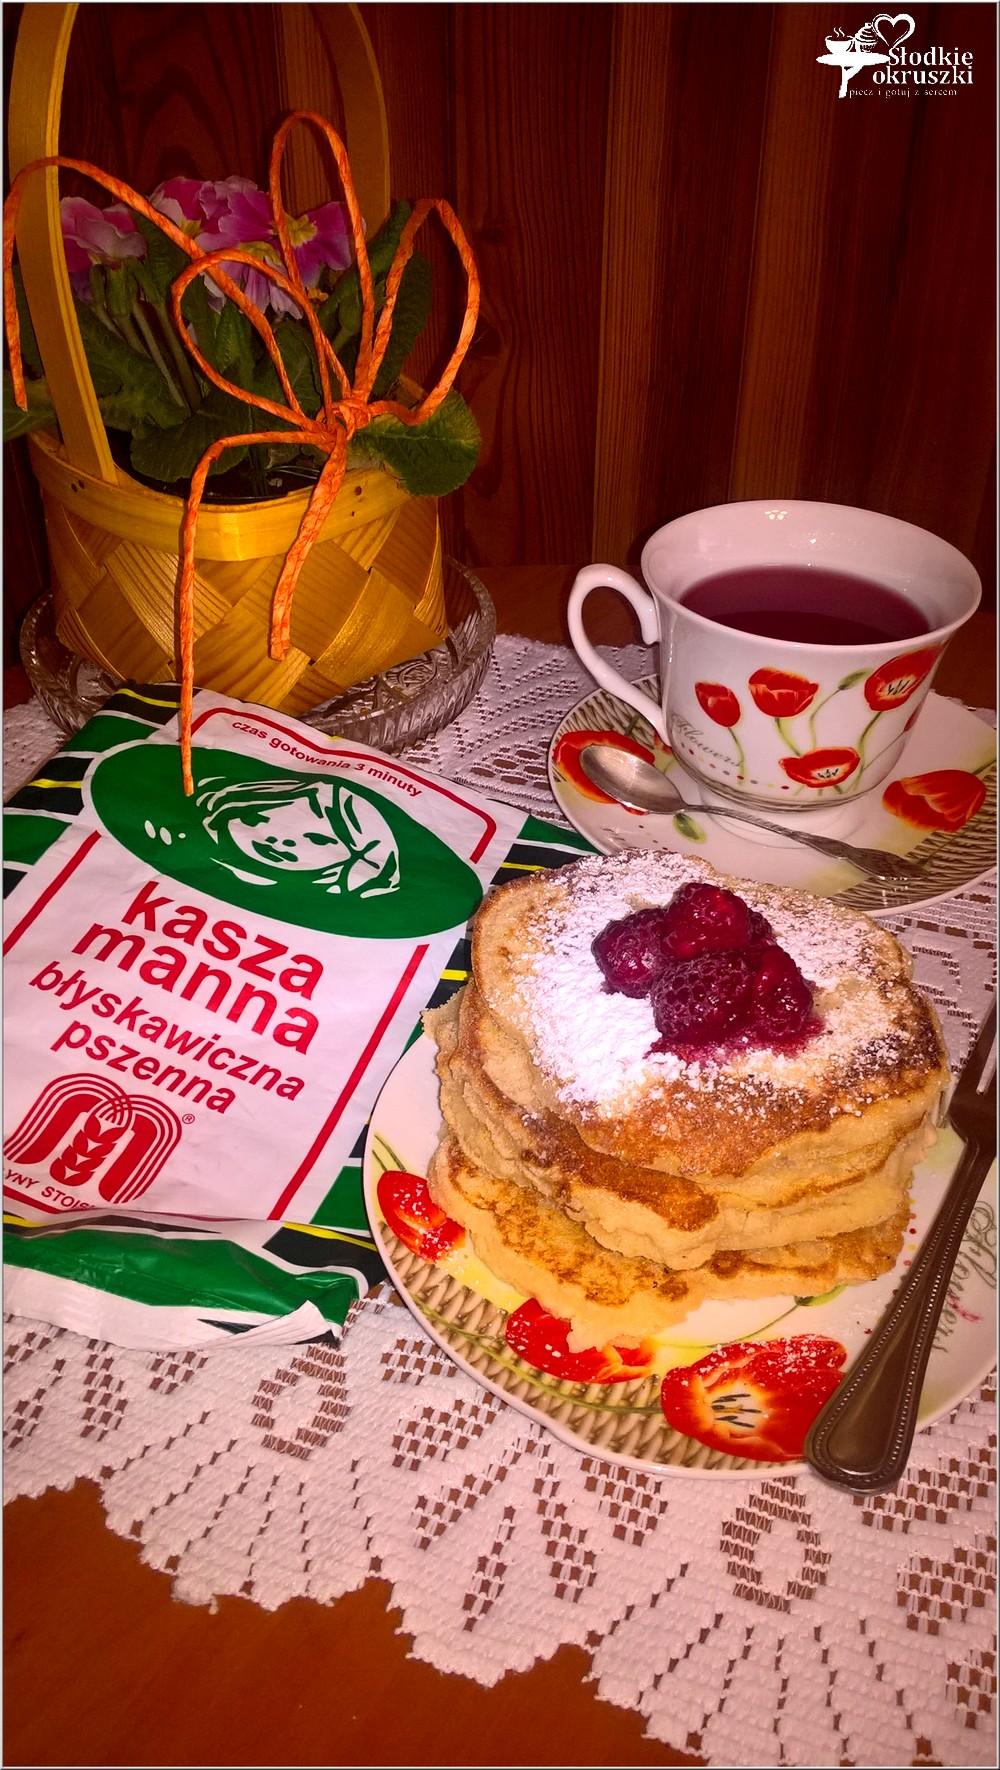 Gruszkowe placuszki z kaszy manny + kilka słów o herbacie (2)